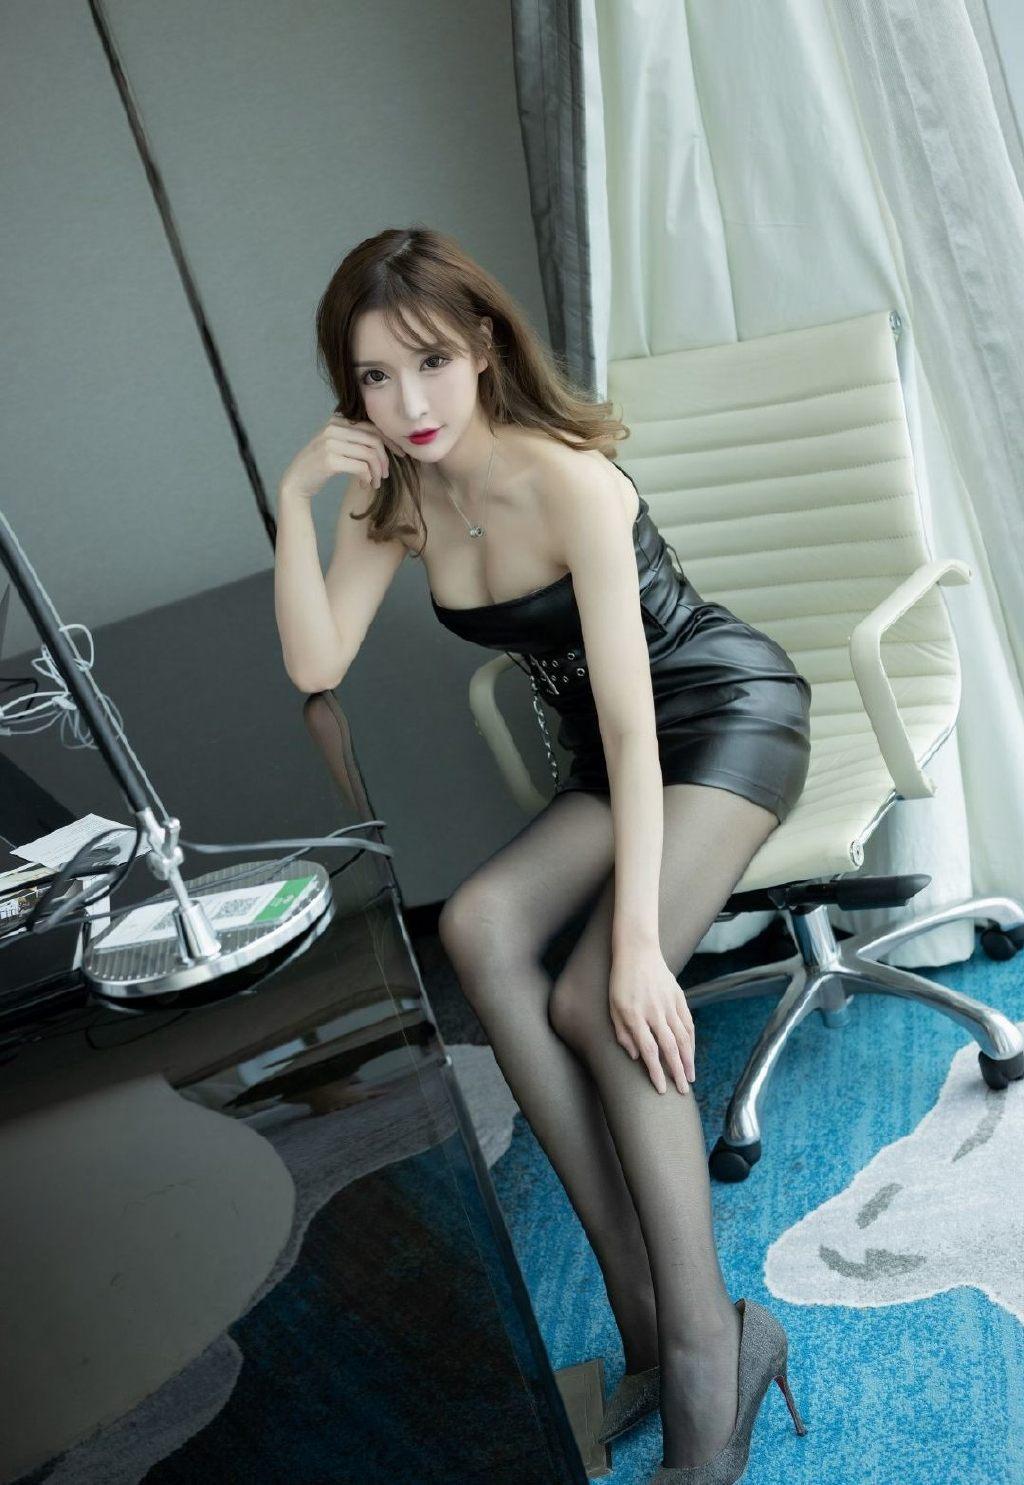 裹胸皮裙美女模特黑丝美腿妩媚诱惑写真